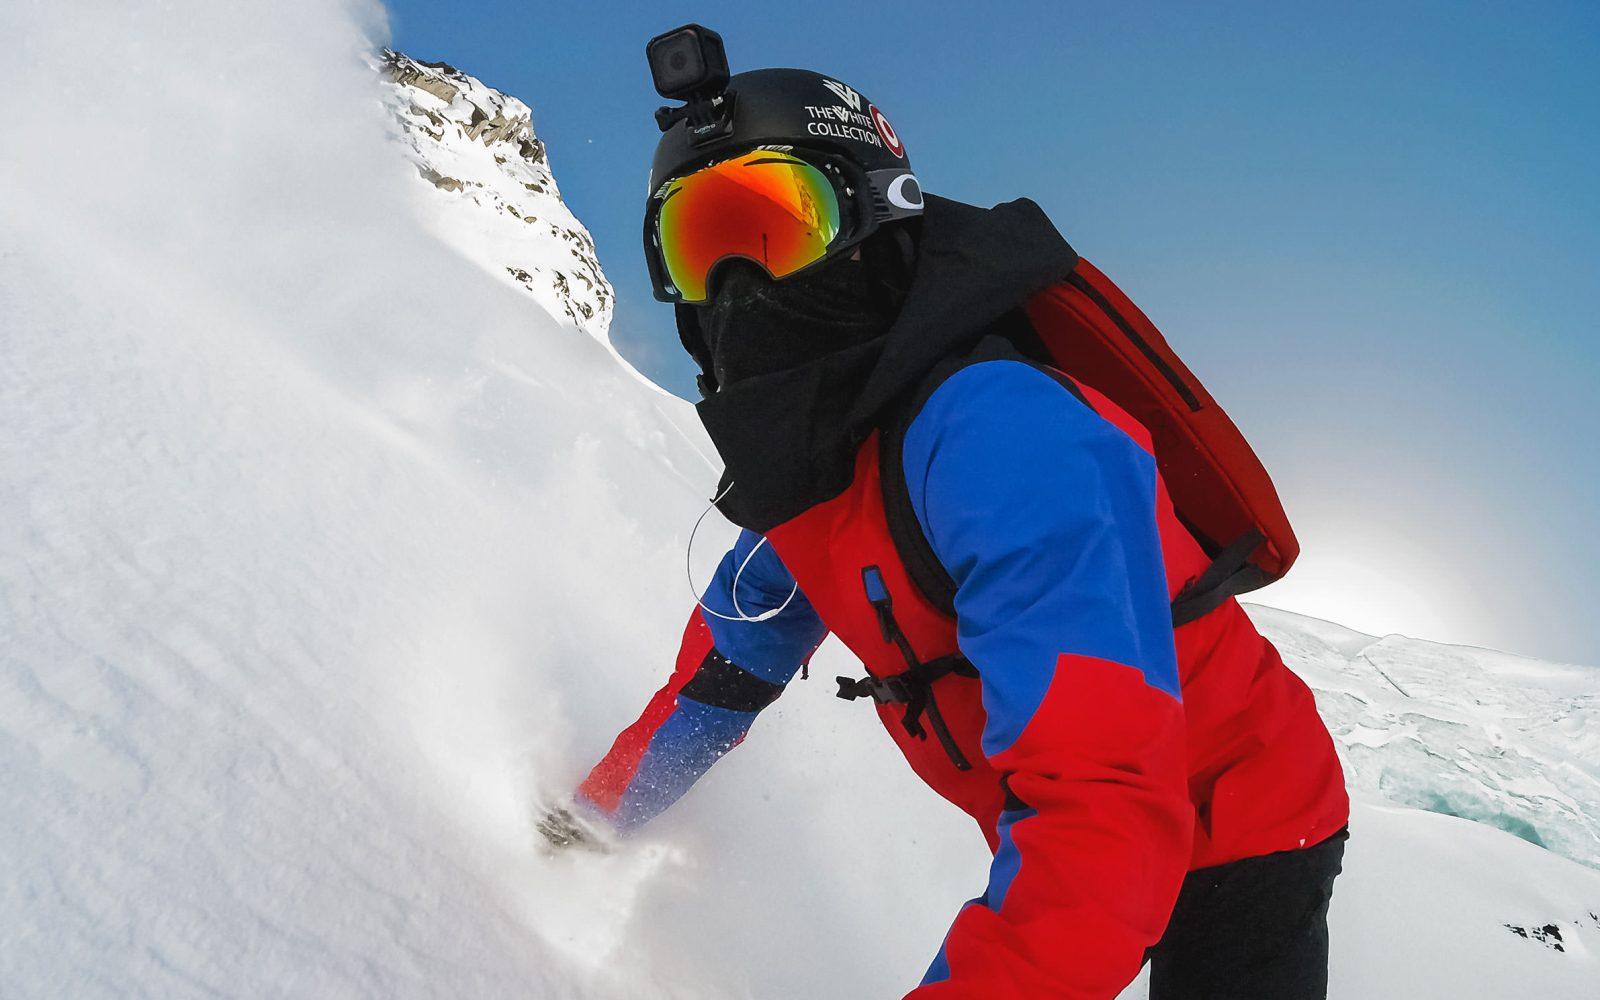 GoPro HERO4 Action Cameras Session 229 Reg 300 Black 4K 350 500 More